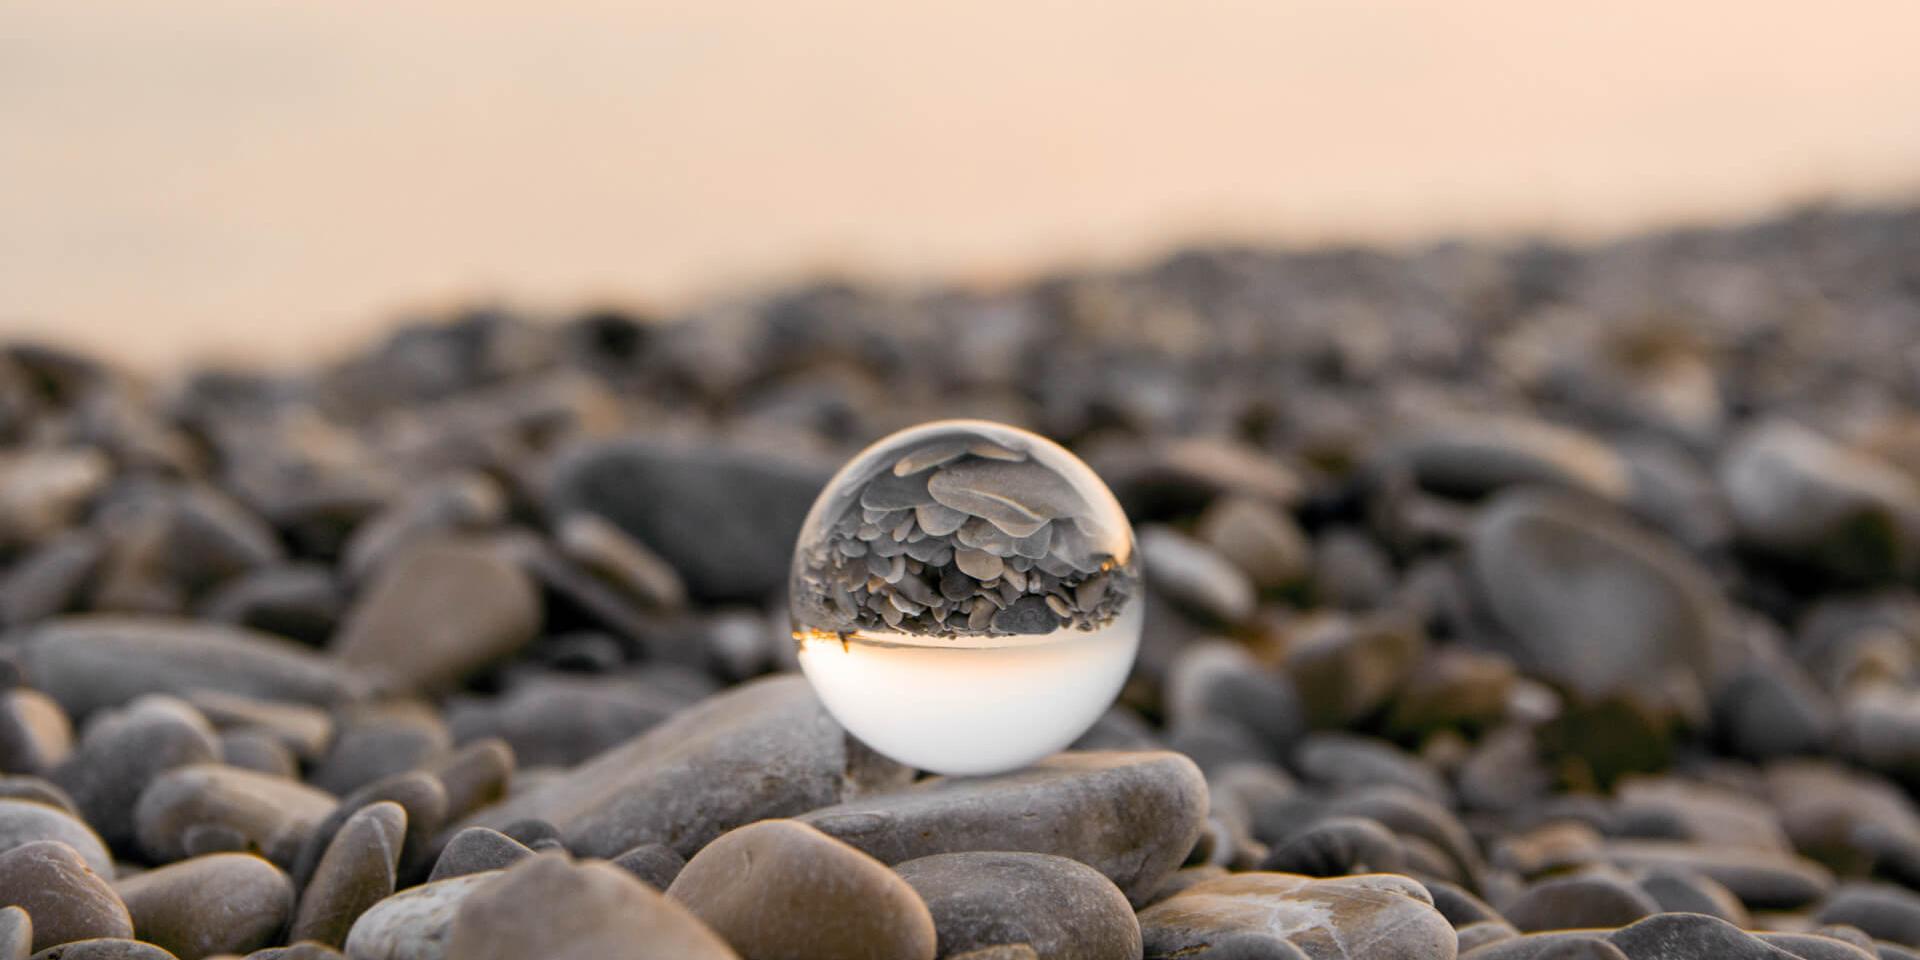 Zukunft des Kundenservice: Blick in die Kristallkugel